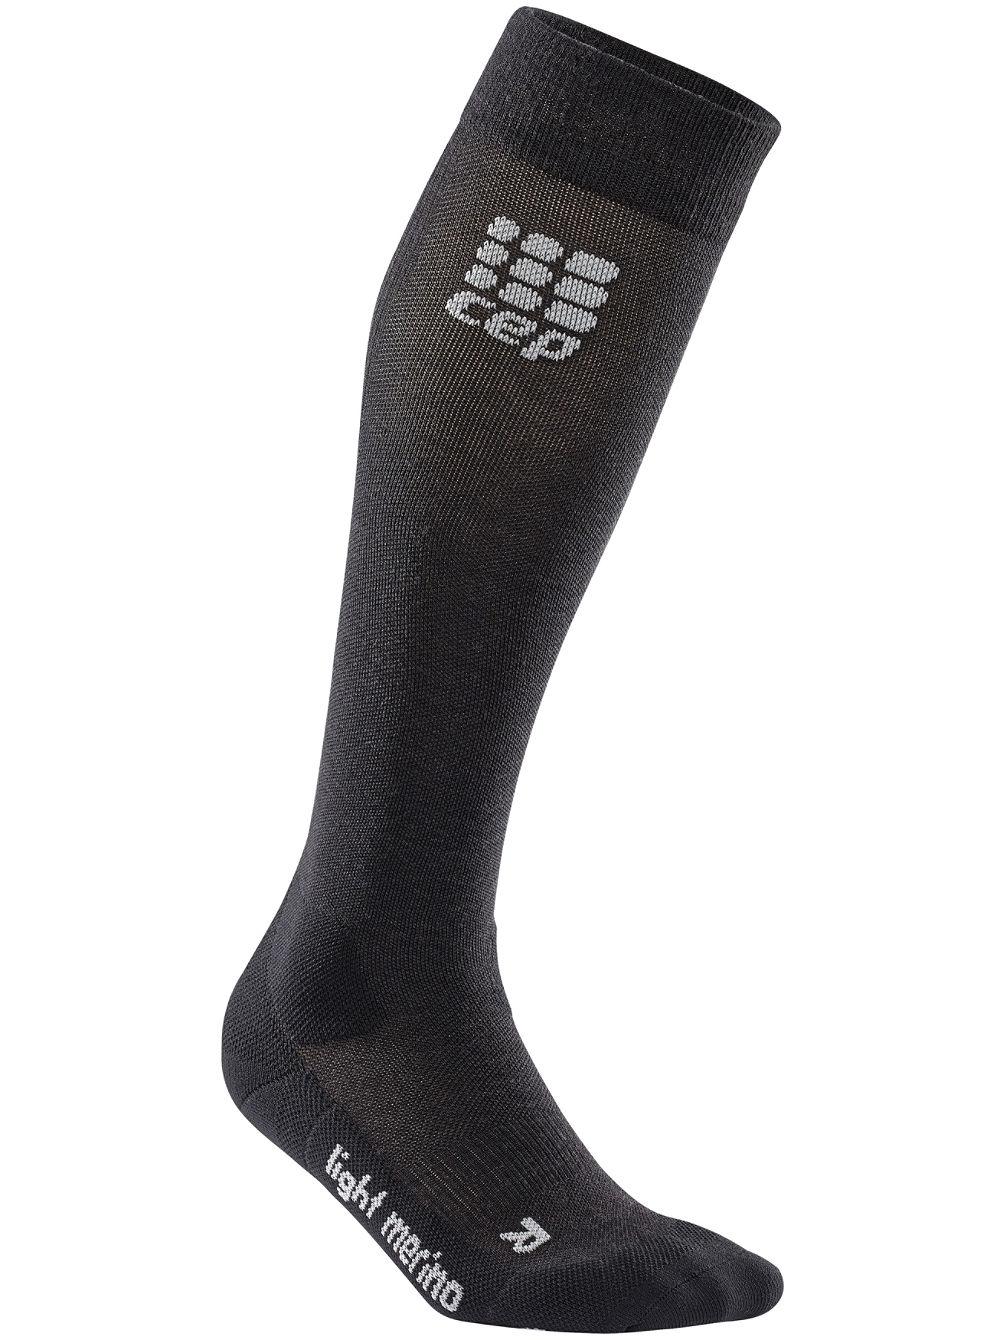 Cep Outdoor Light Merino Mid Cut Socken